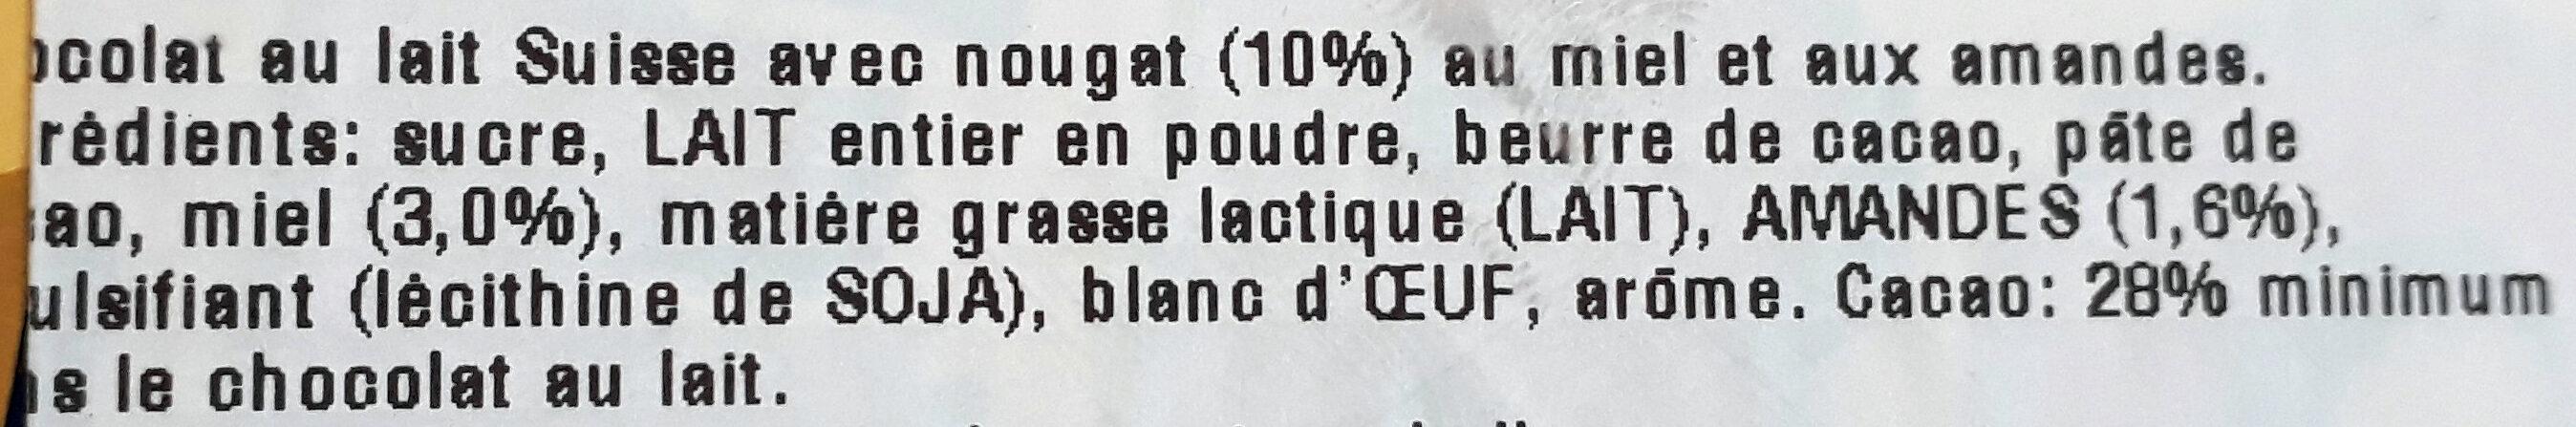 Chocolat au lait Suisse avec nougat (10%) au miel et aux amandes - Ingredienti - fr